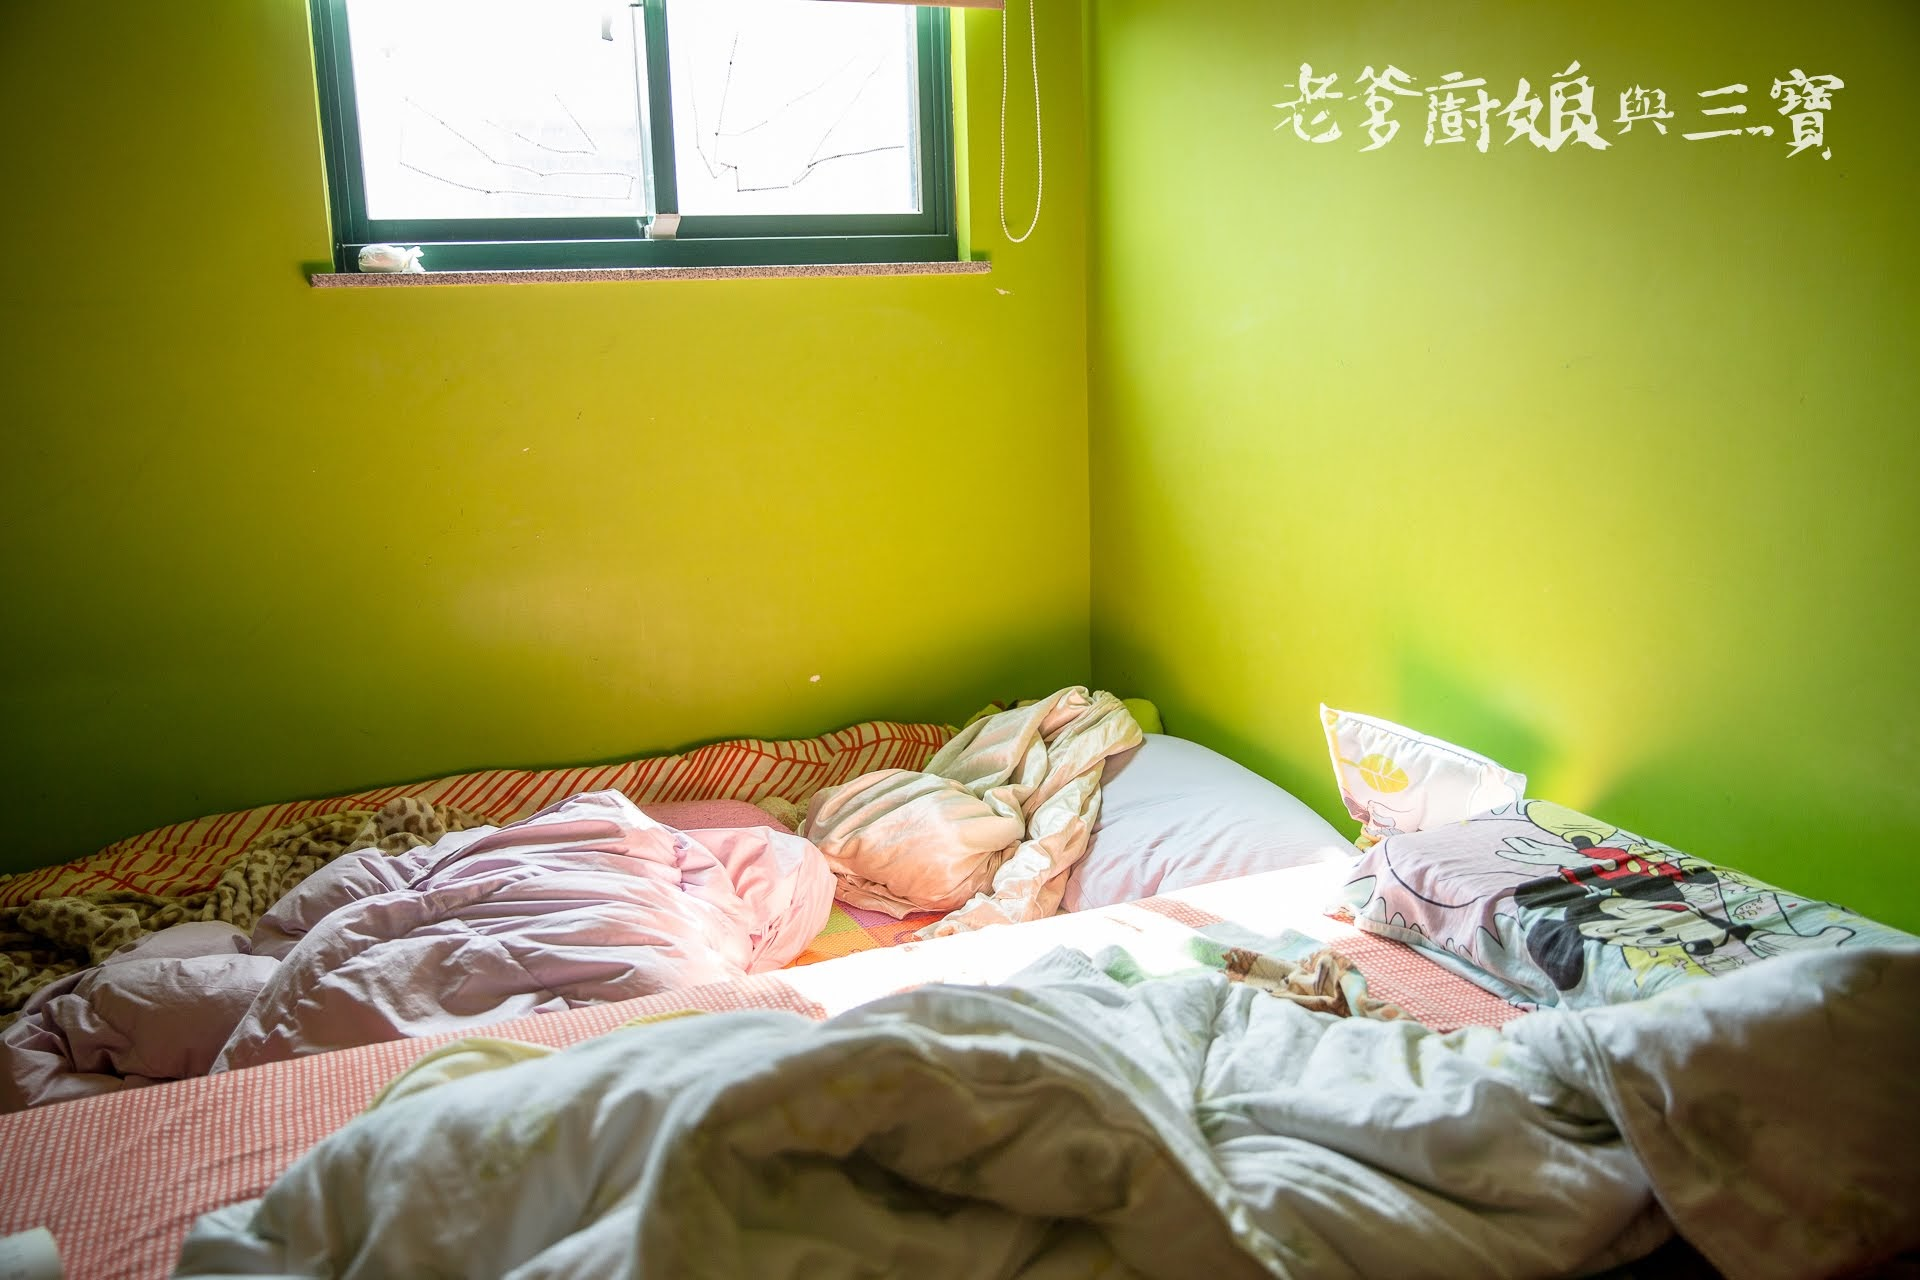 老爹終於不用睡地板啦!好躺也不怕野孩子粗殘的床墊...Panbor Rolling 牛奶雪糕獨立筒捲包床